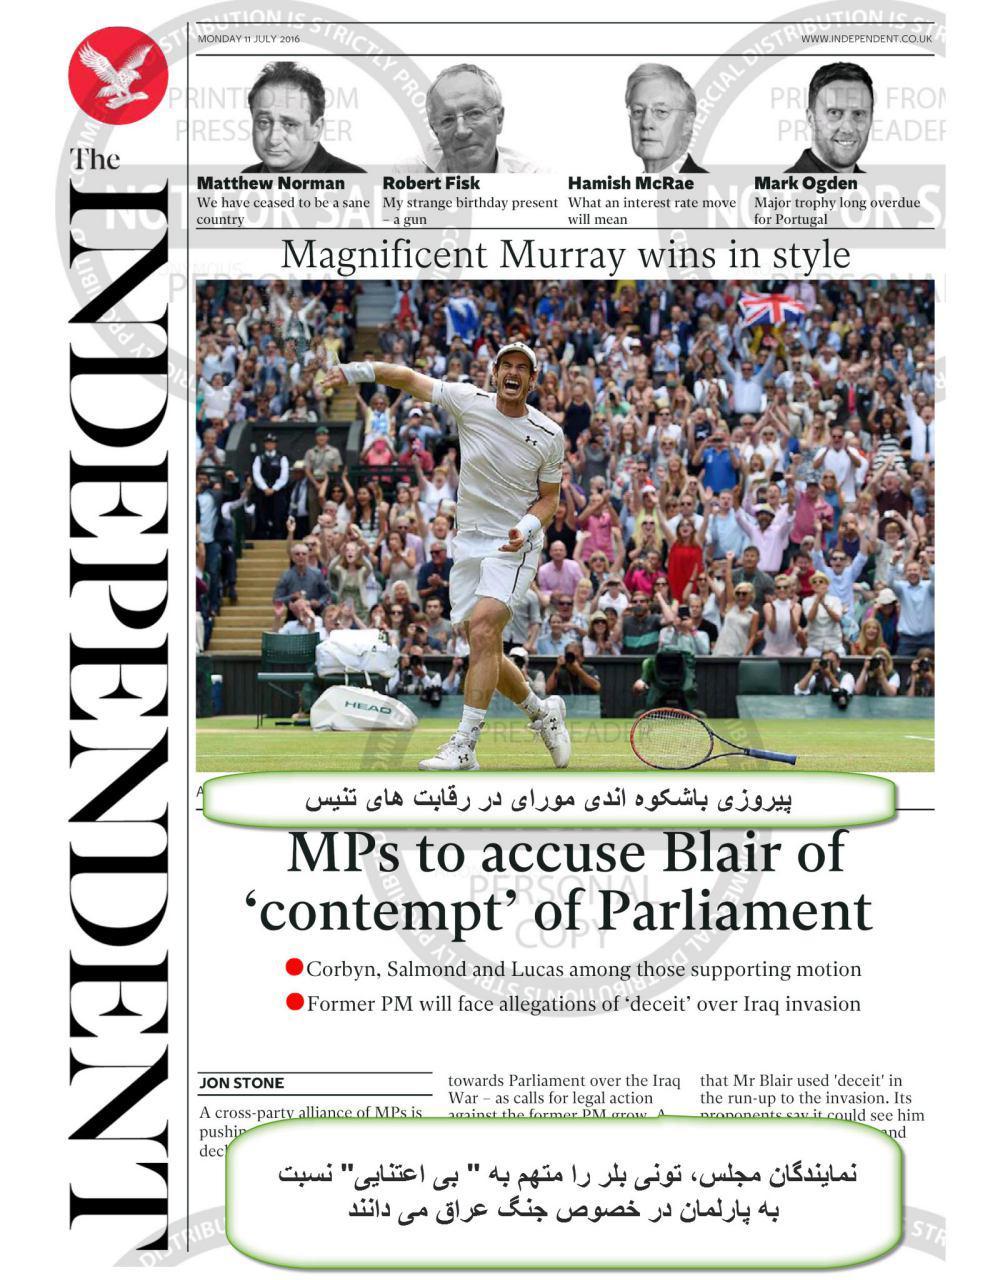 صفحه اول روزنامه ایندپندنت انگلستان